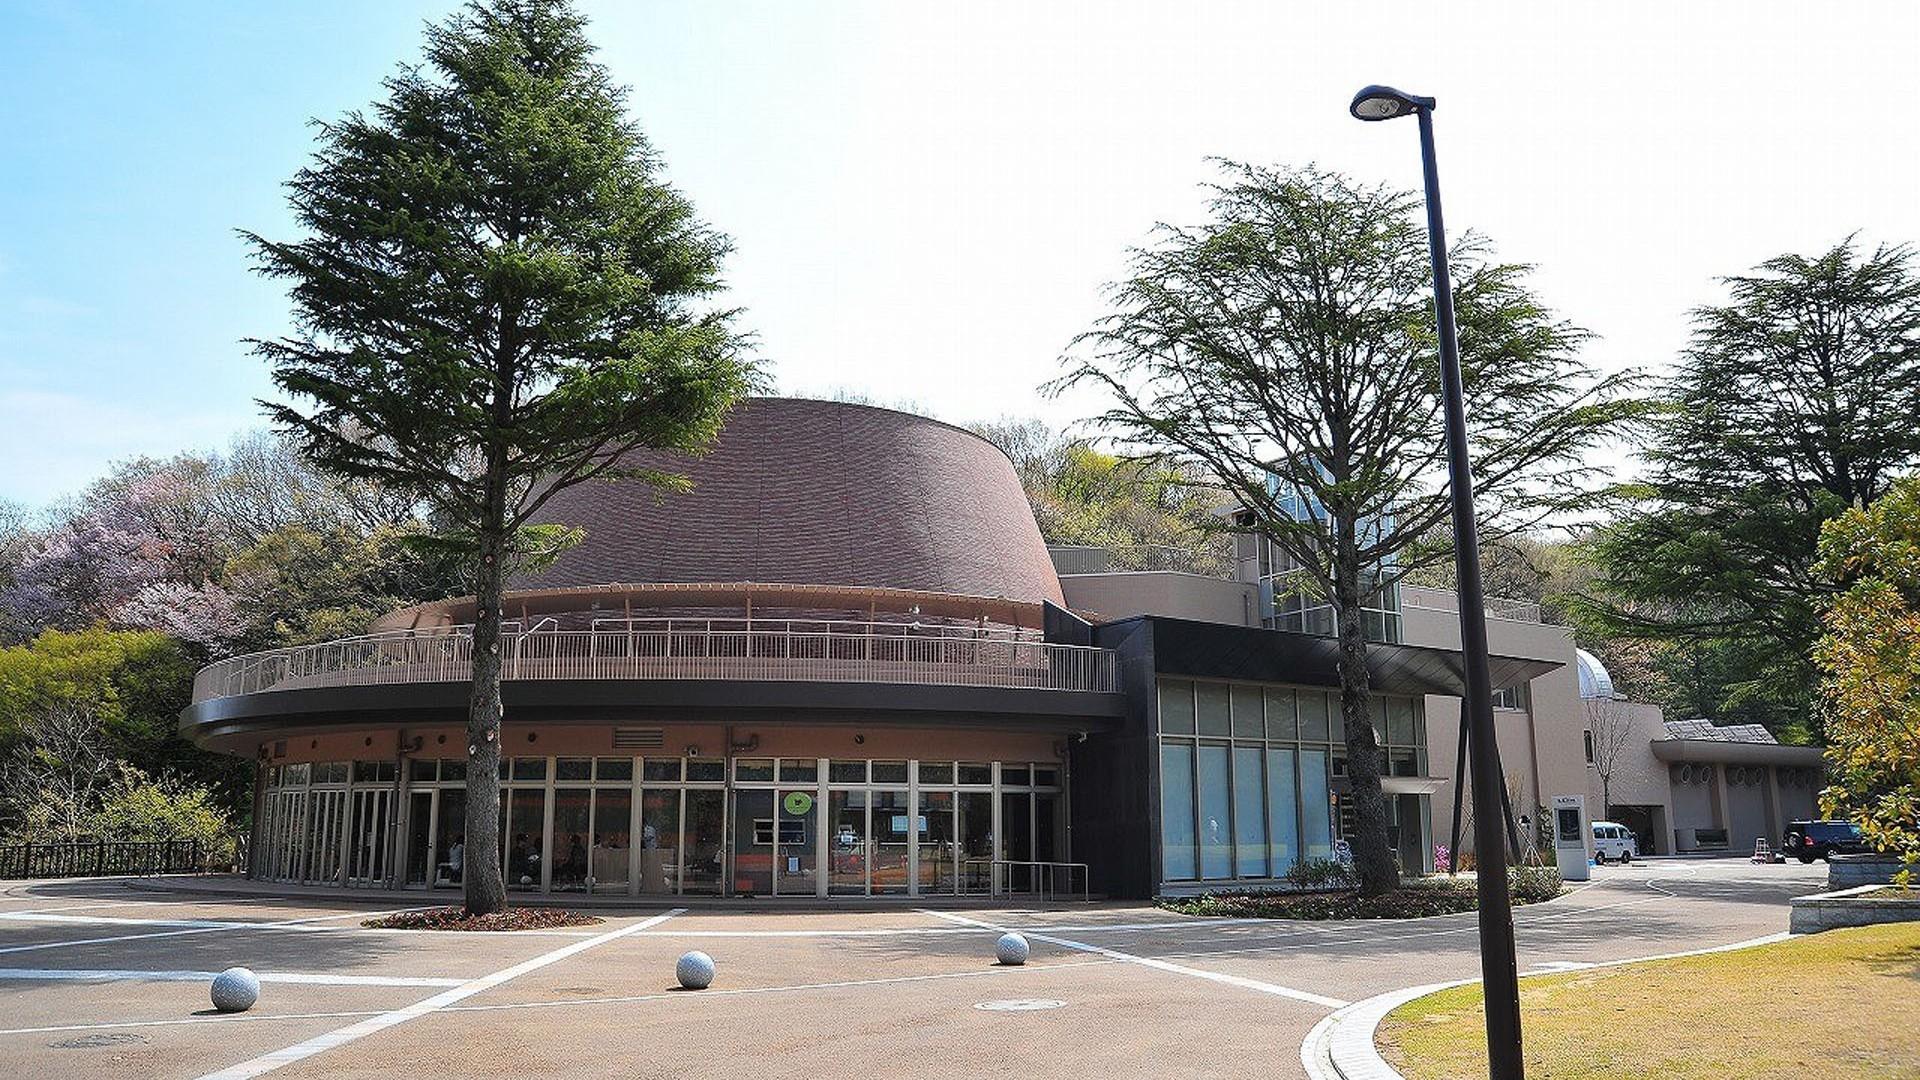 Städtisches Wissenschaftsmuseum Kawasaki (Planetarium)